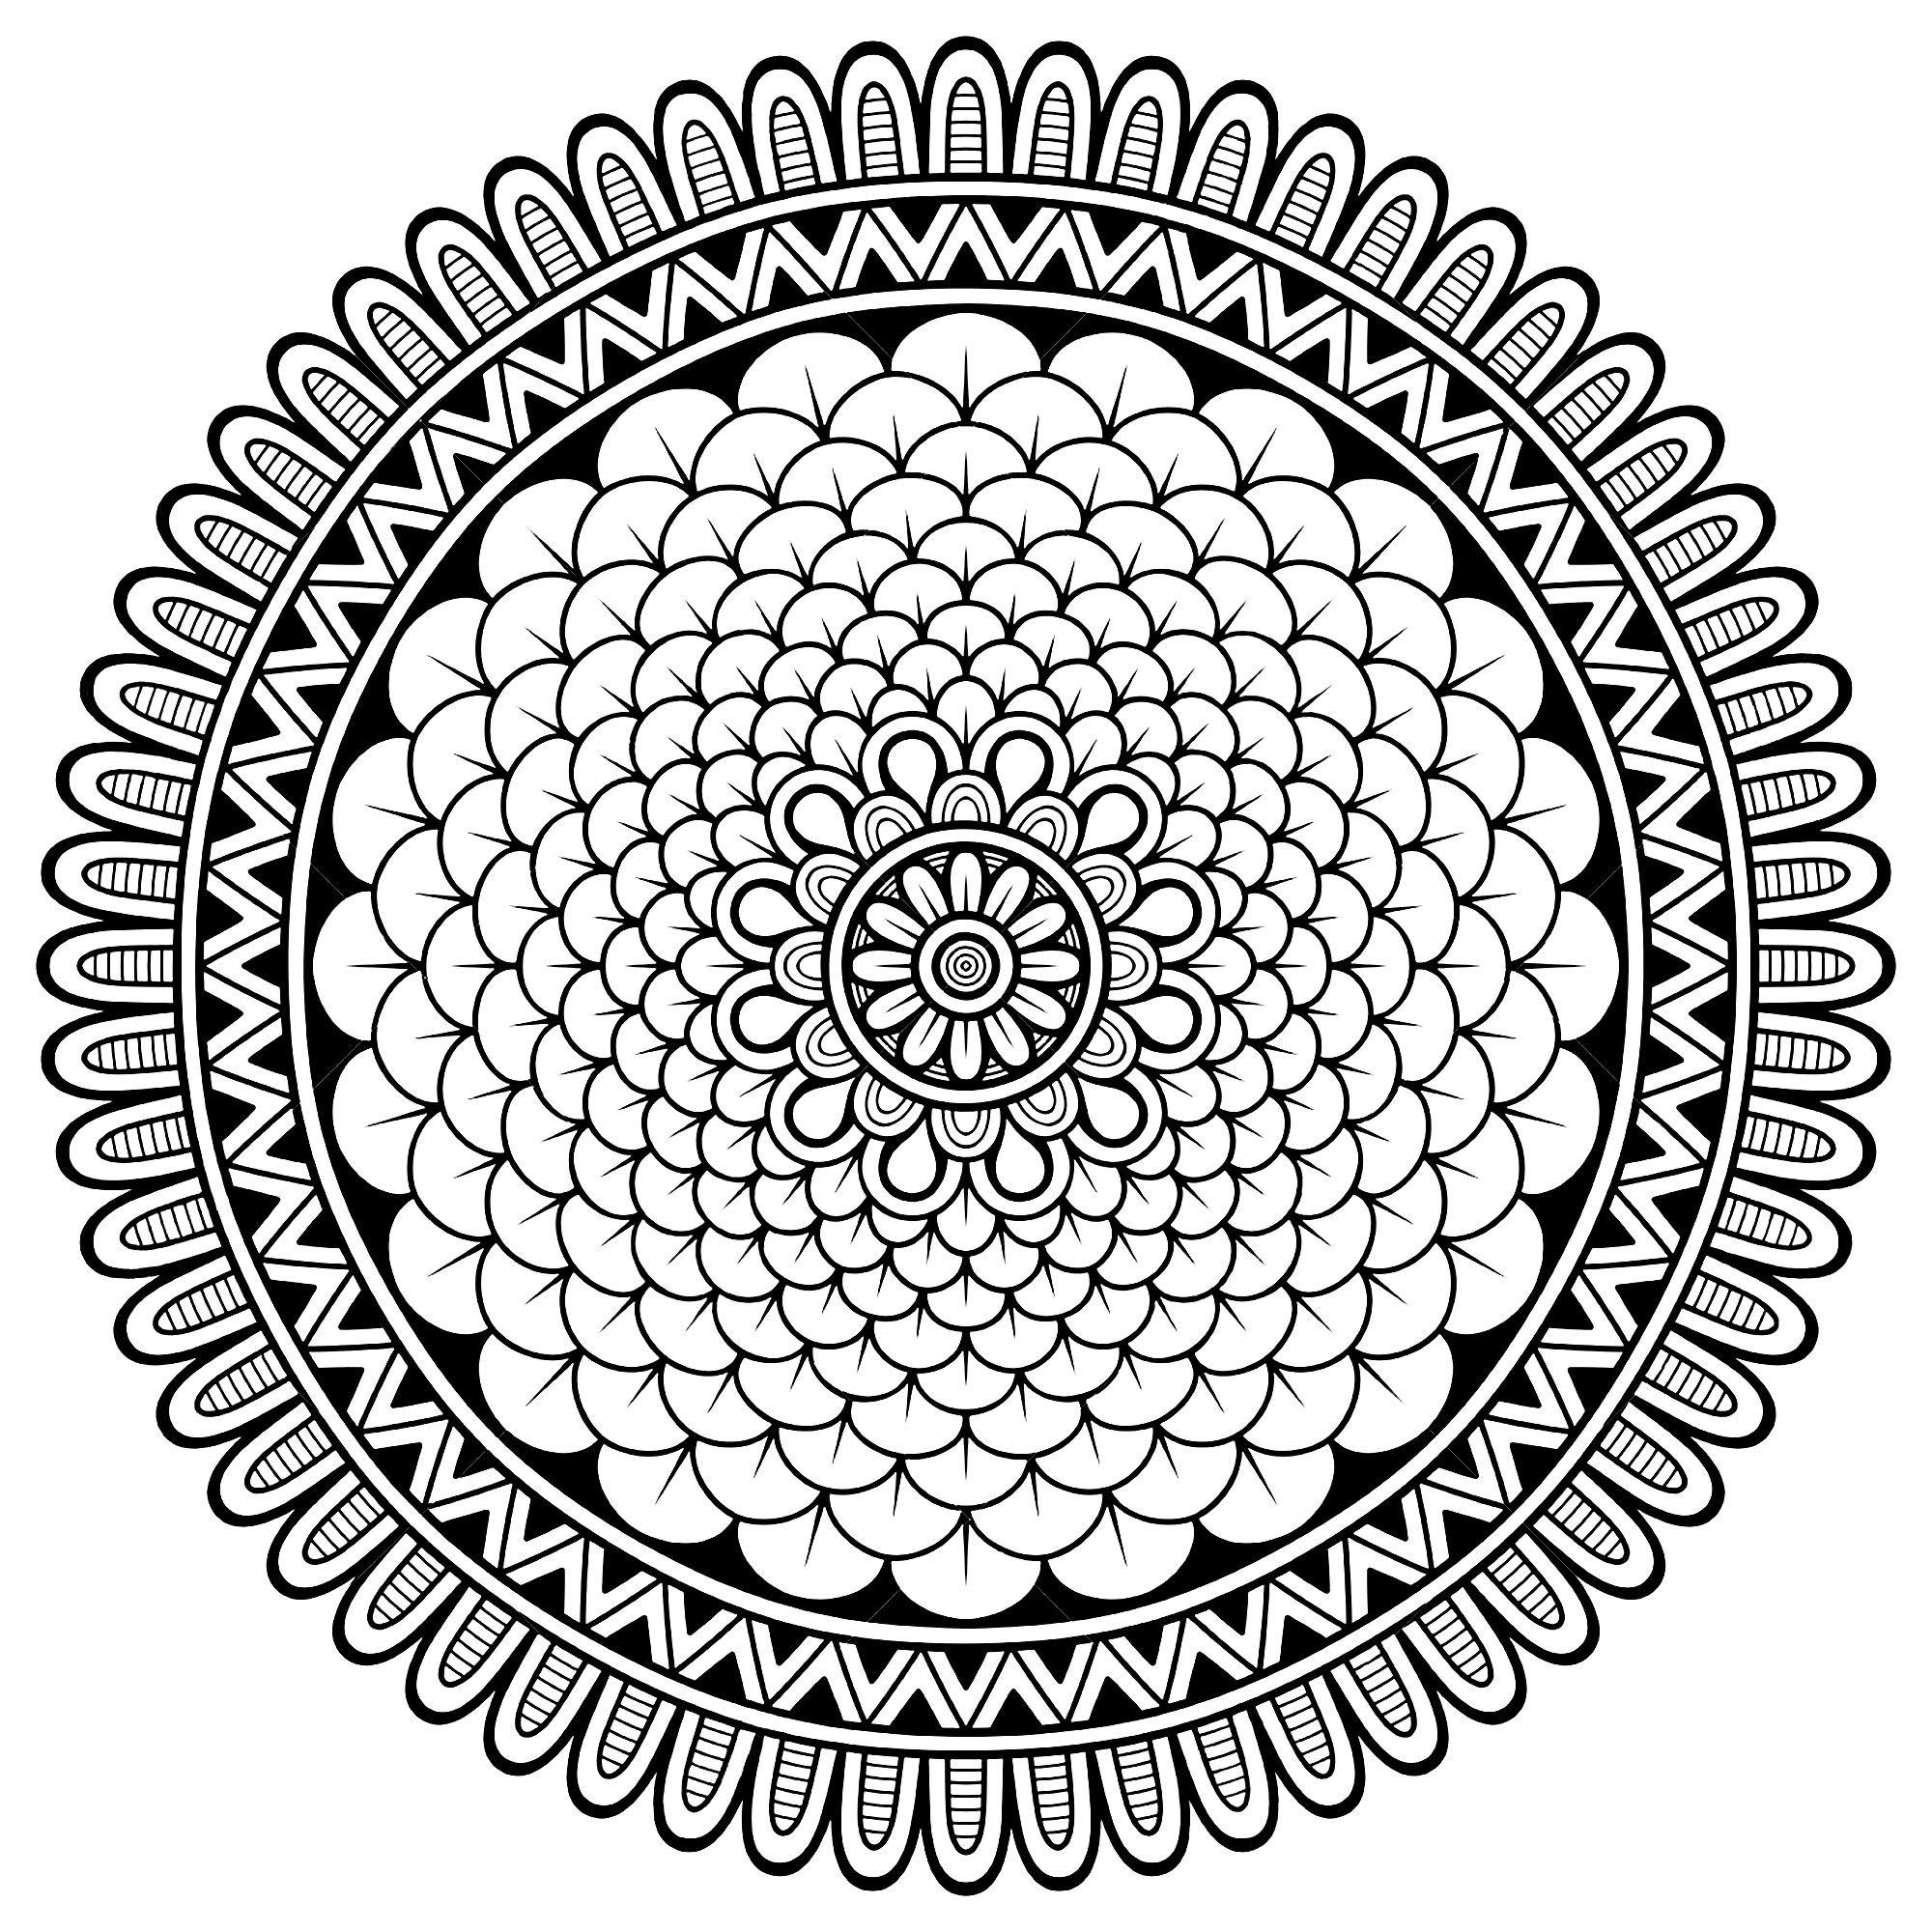 Voici des Mandalas difficiles pour adultes  imprimer Mandala est un mot sanskrit qui désigne un cercle et métaphoriquement un univers environnement ou